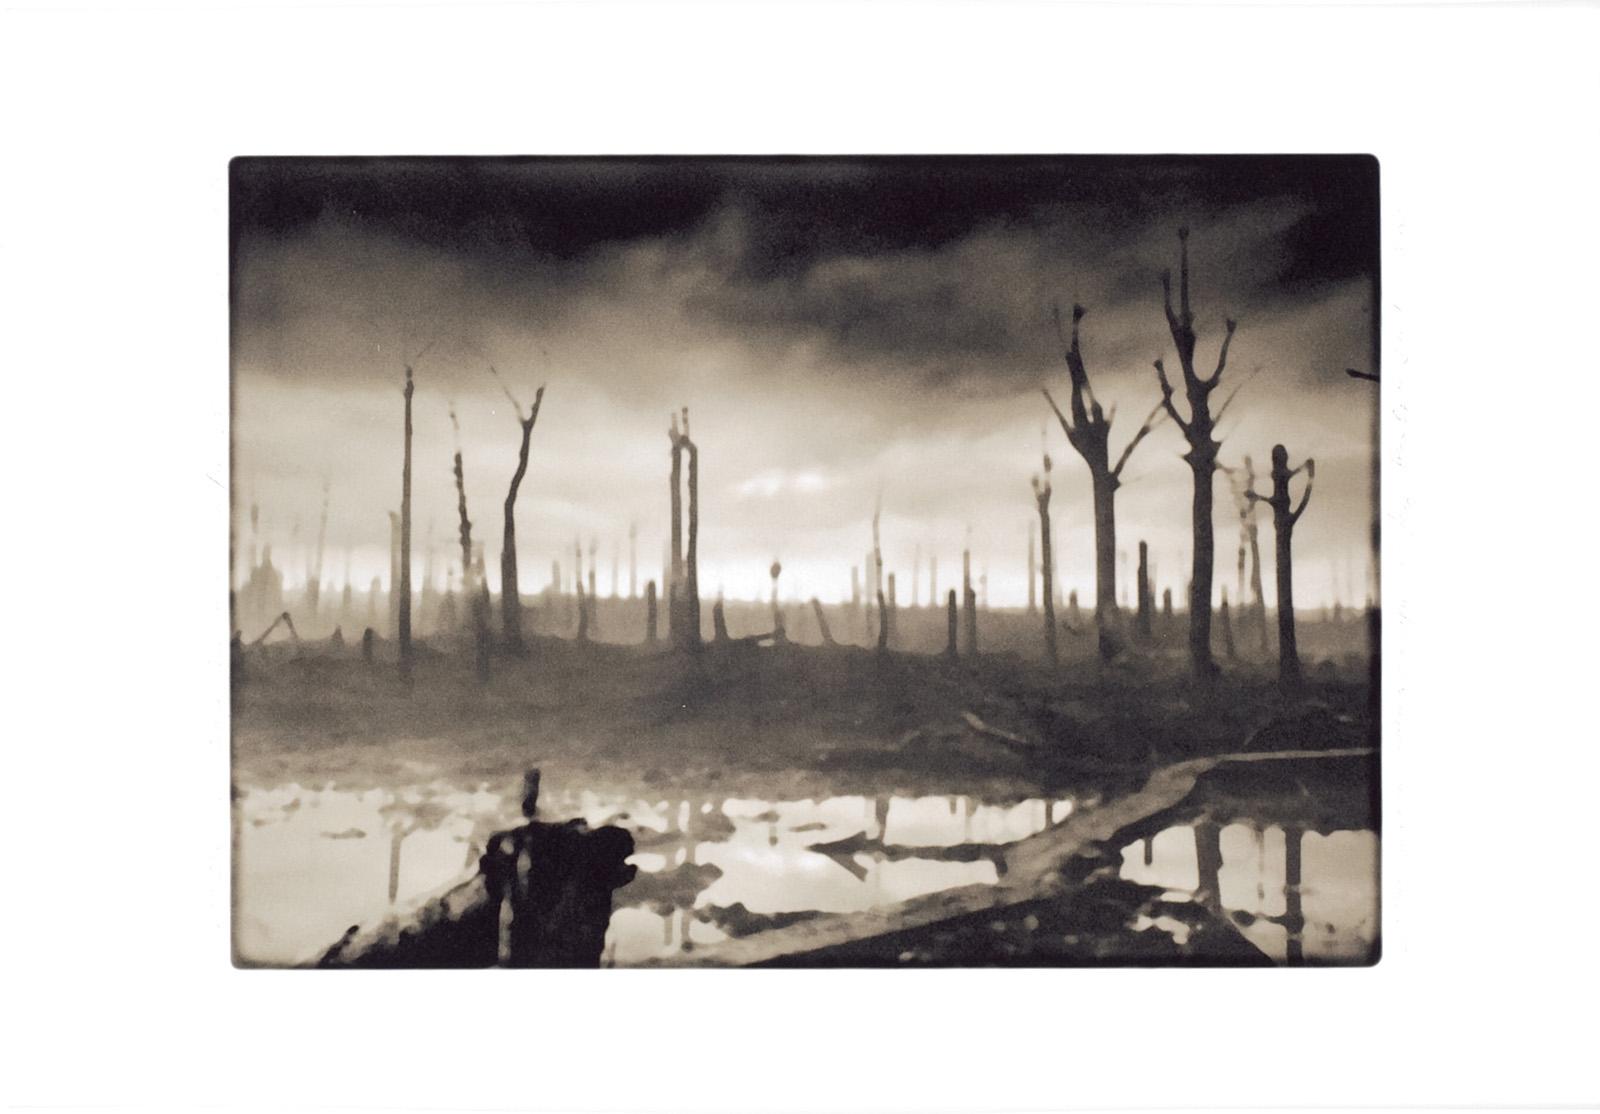 Hans Op de Beeck | Loss 2004